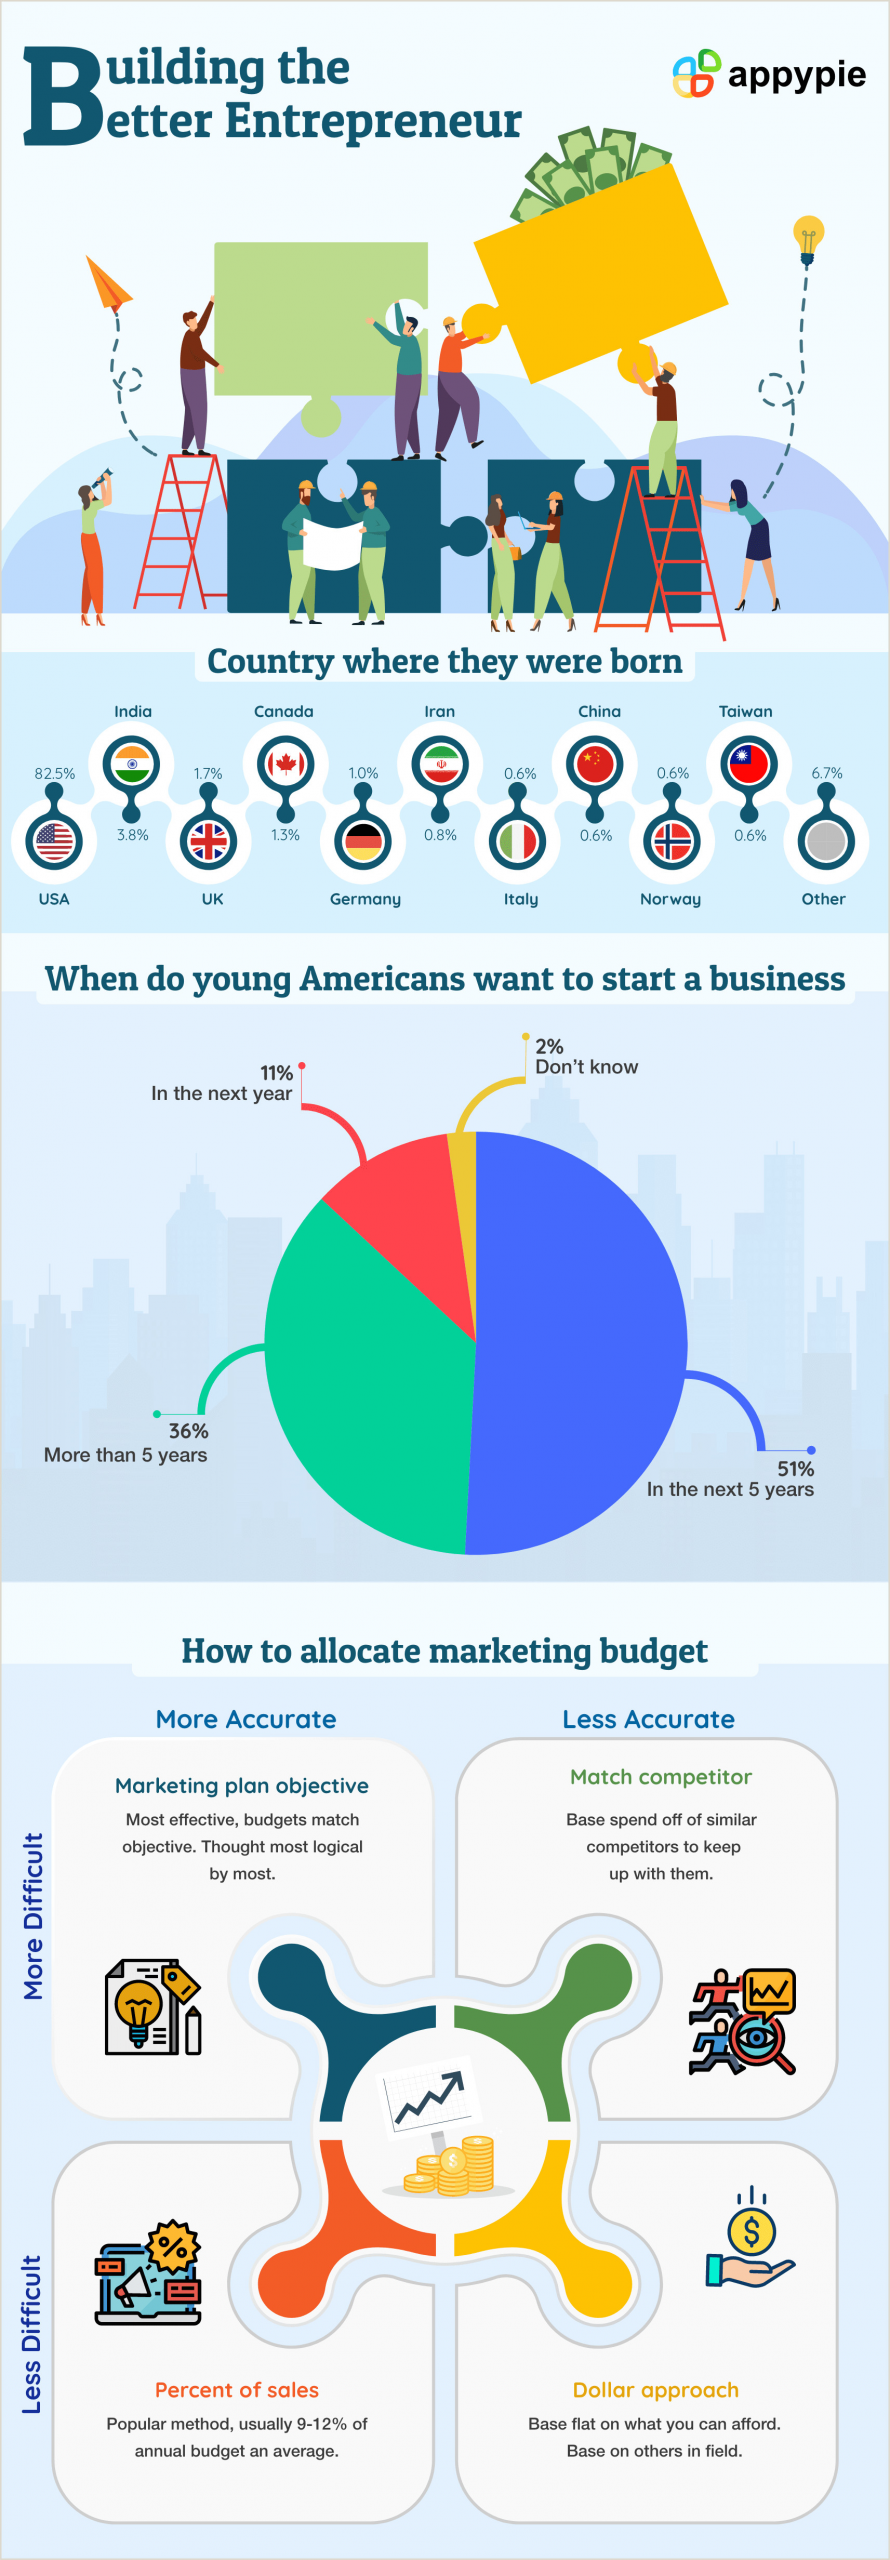 The Best Business Cards For Entrepreneuers 10 Types Of Entrepreneurship That All Famous Entrepreneurs